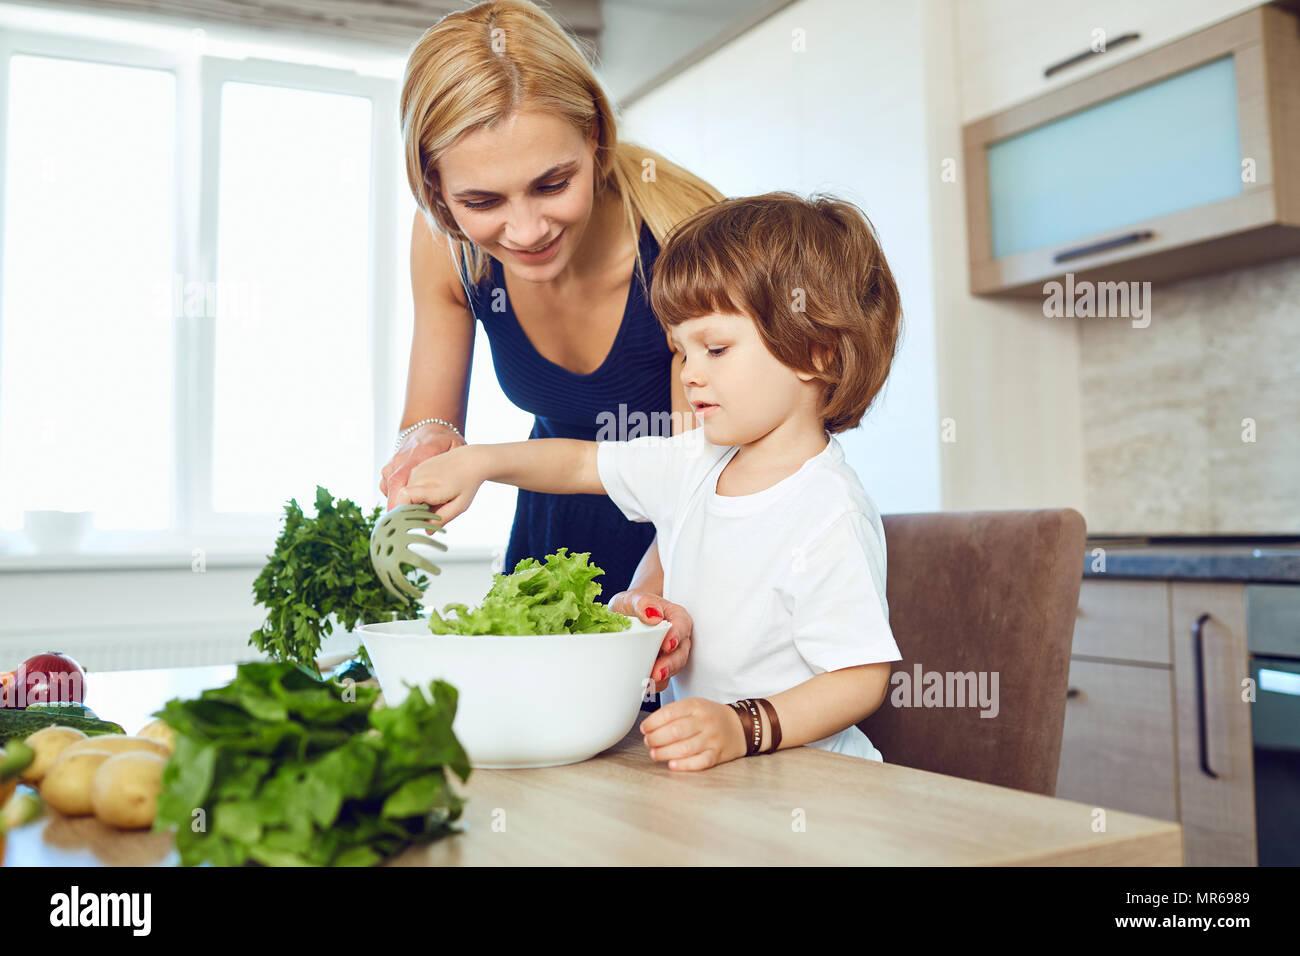 Mamá y su niño están preparando la comida en la cocina. Imagen De Stock